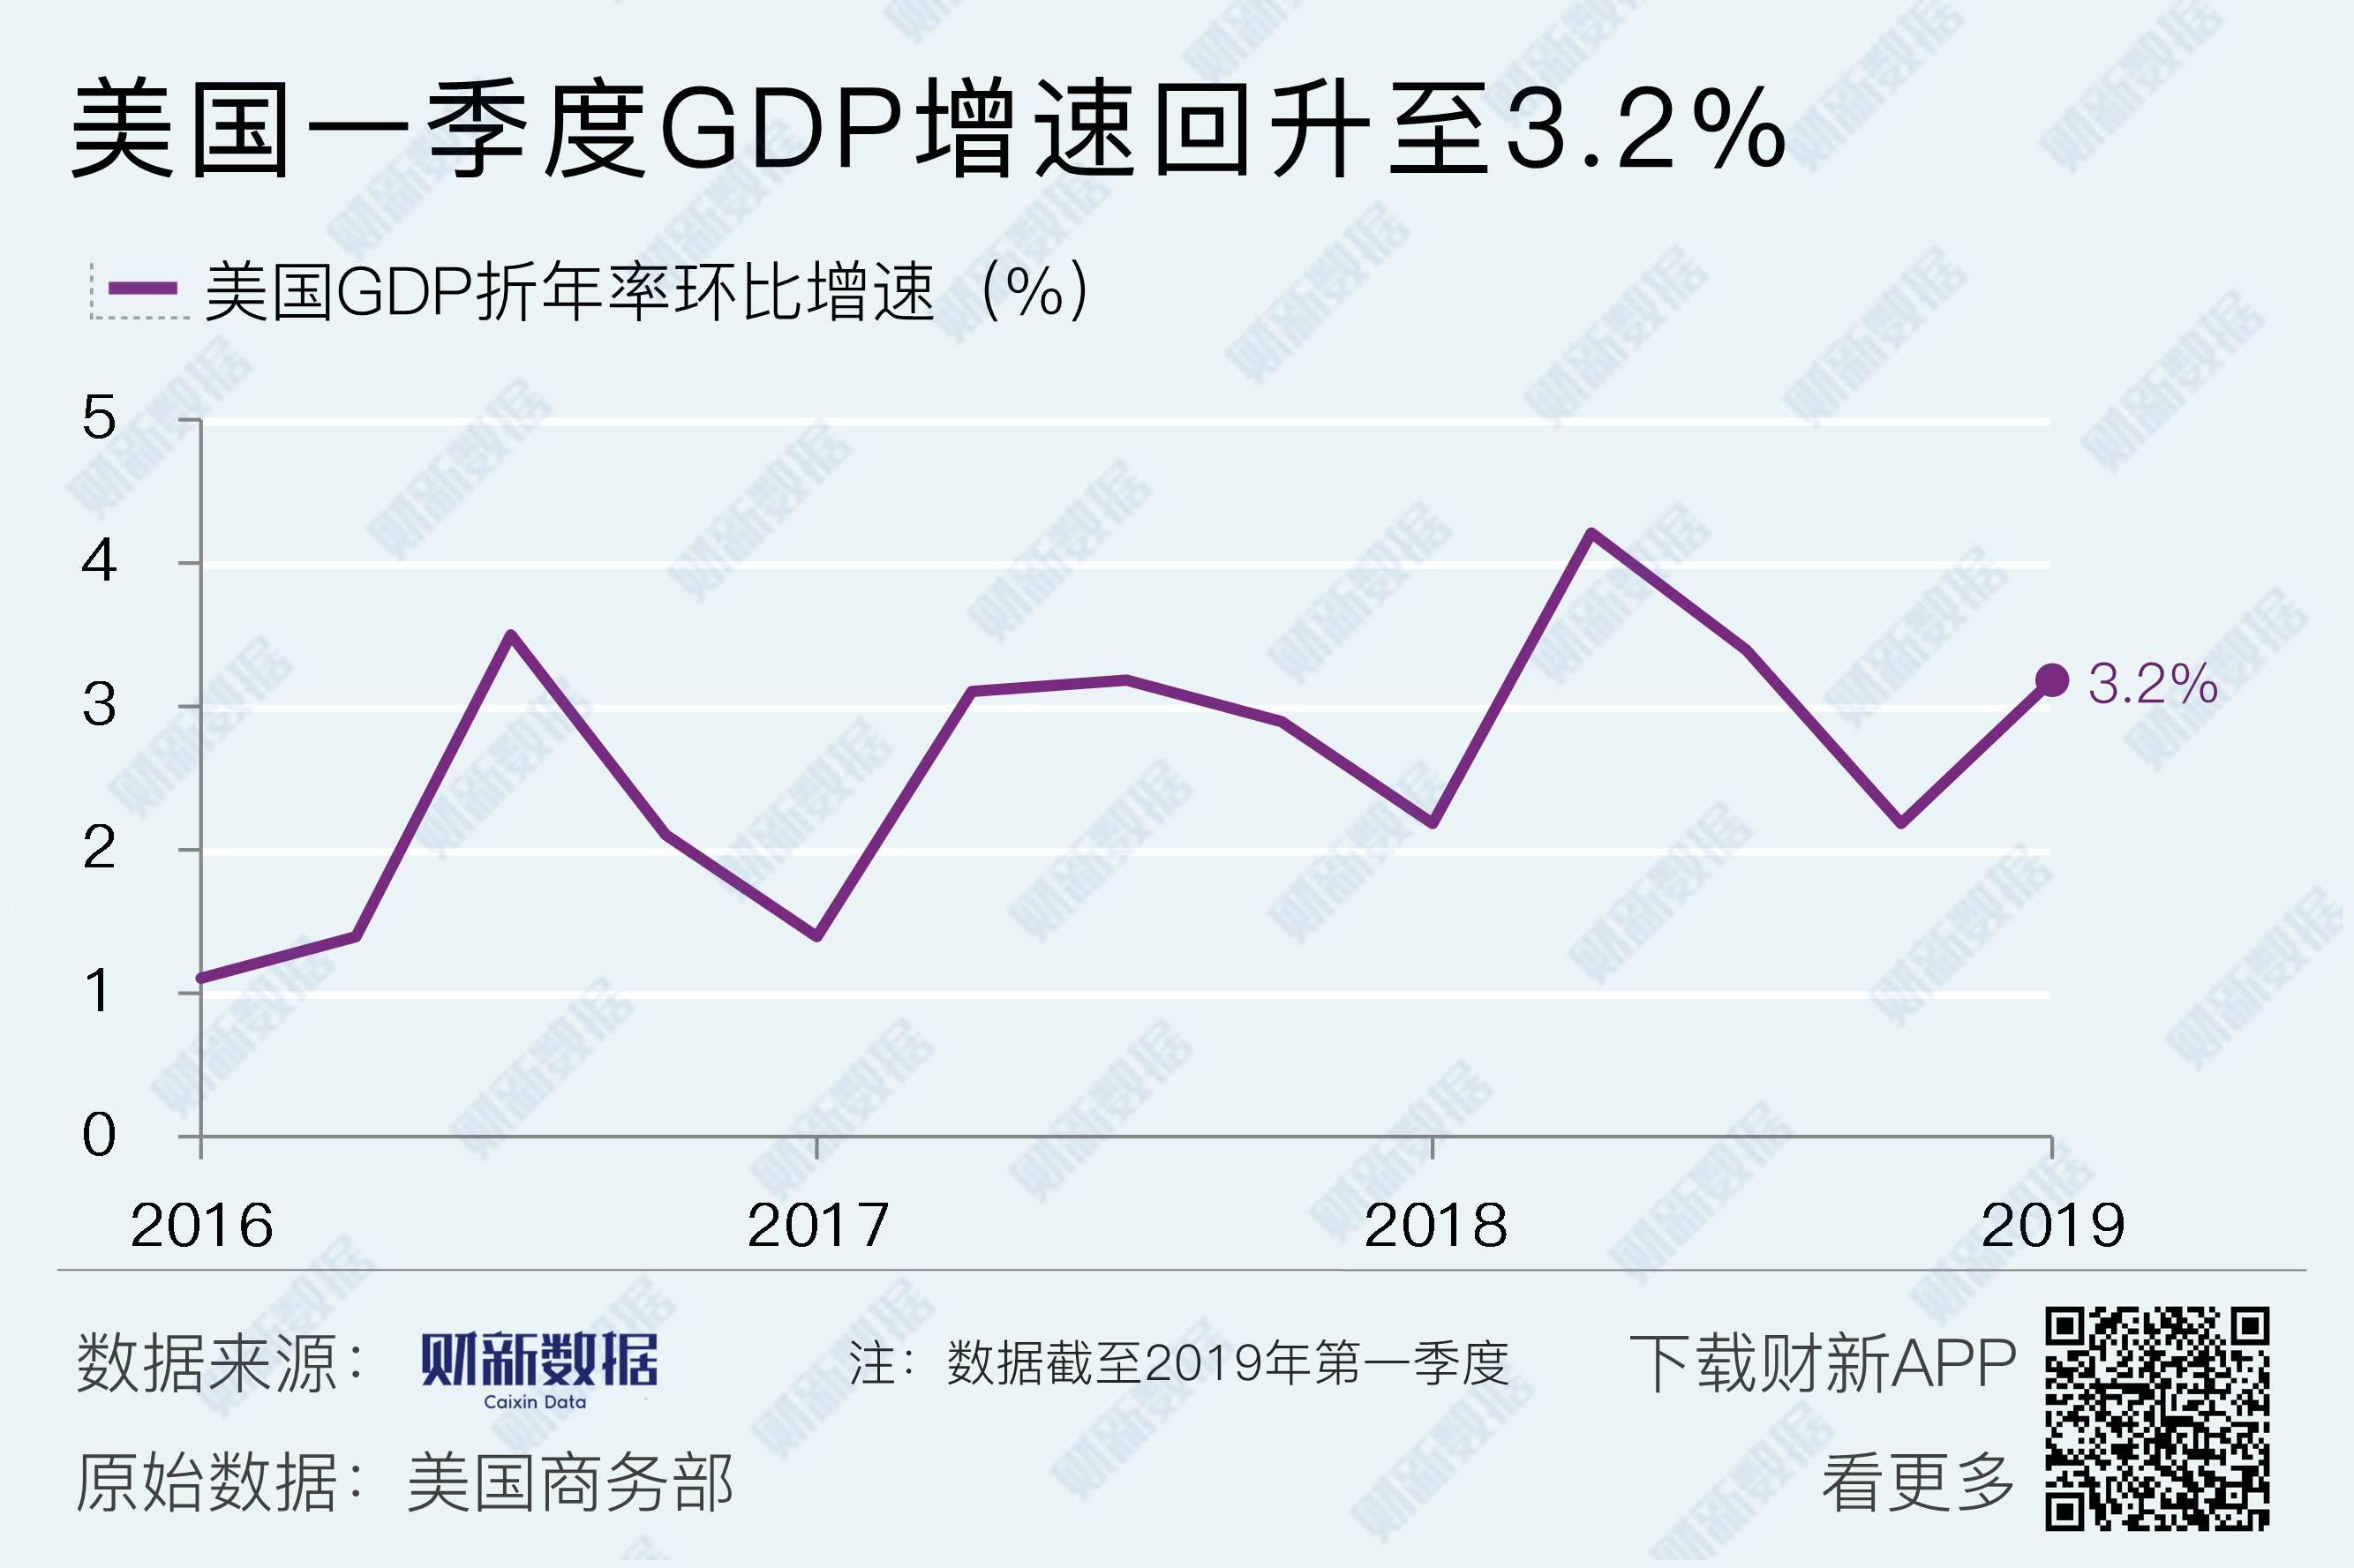 美国一季度GDP增速回升至3.2%